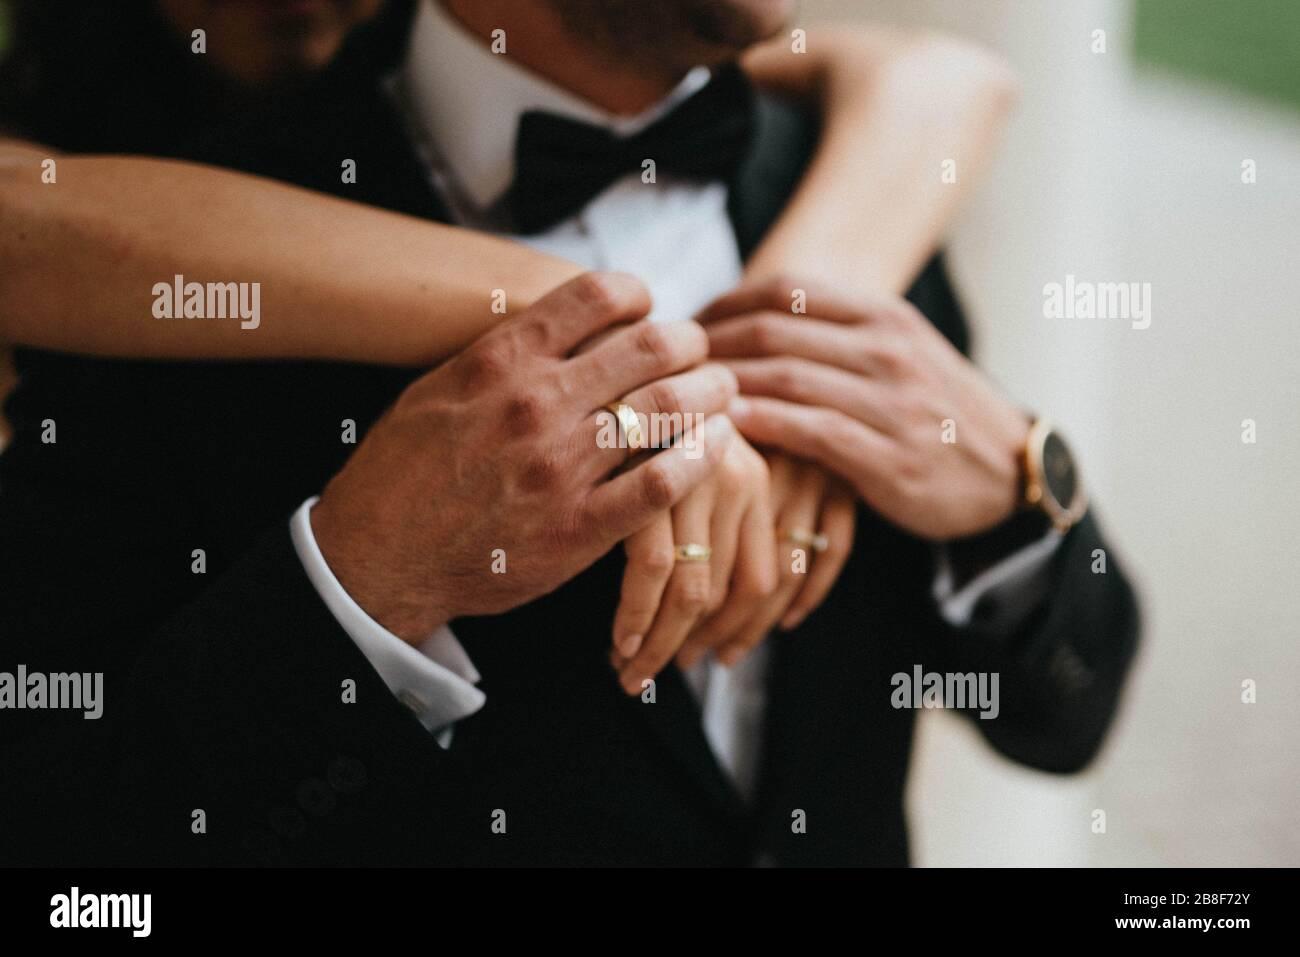 Ein schönes Paar an ihrem Hochzeitstag. Braut und Bräutigam Stockfoto